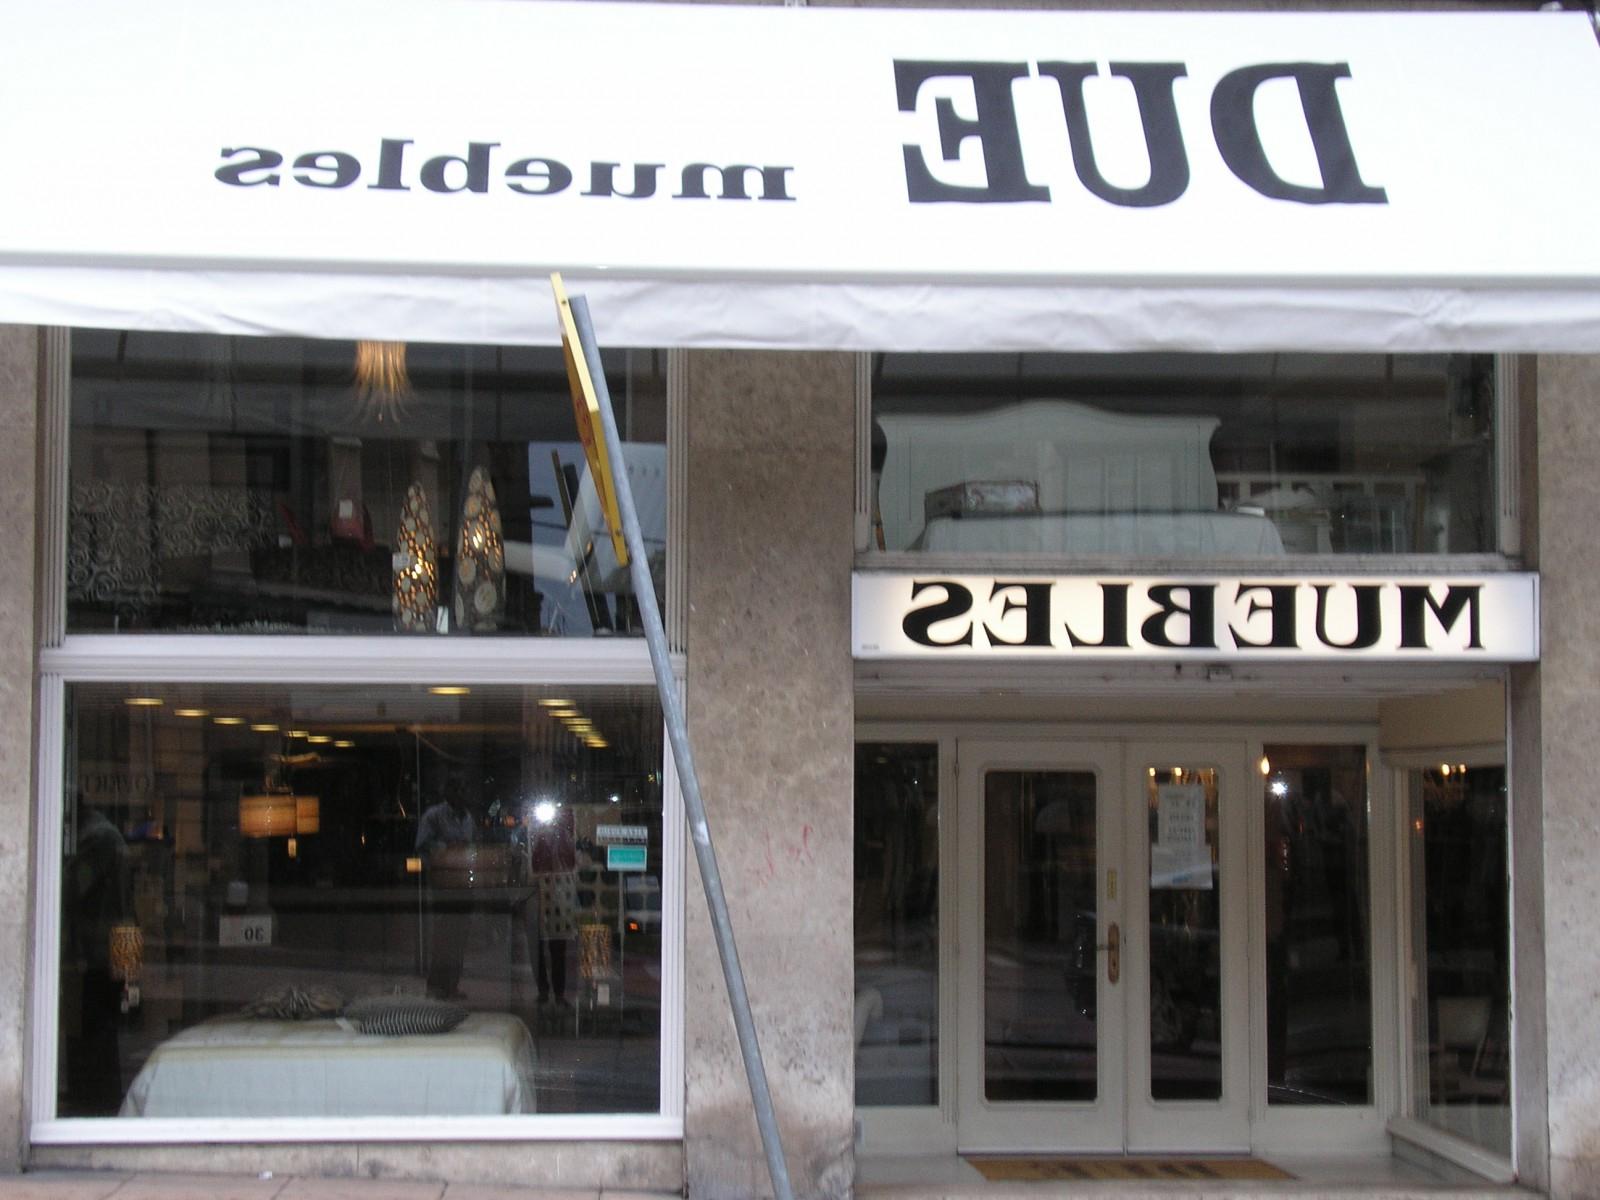 Muebles Santander Xtd6 Ercio Santander Ercios